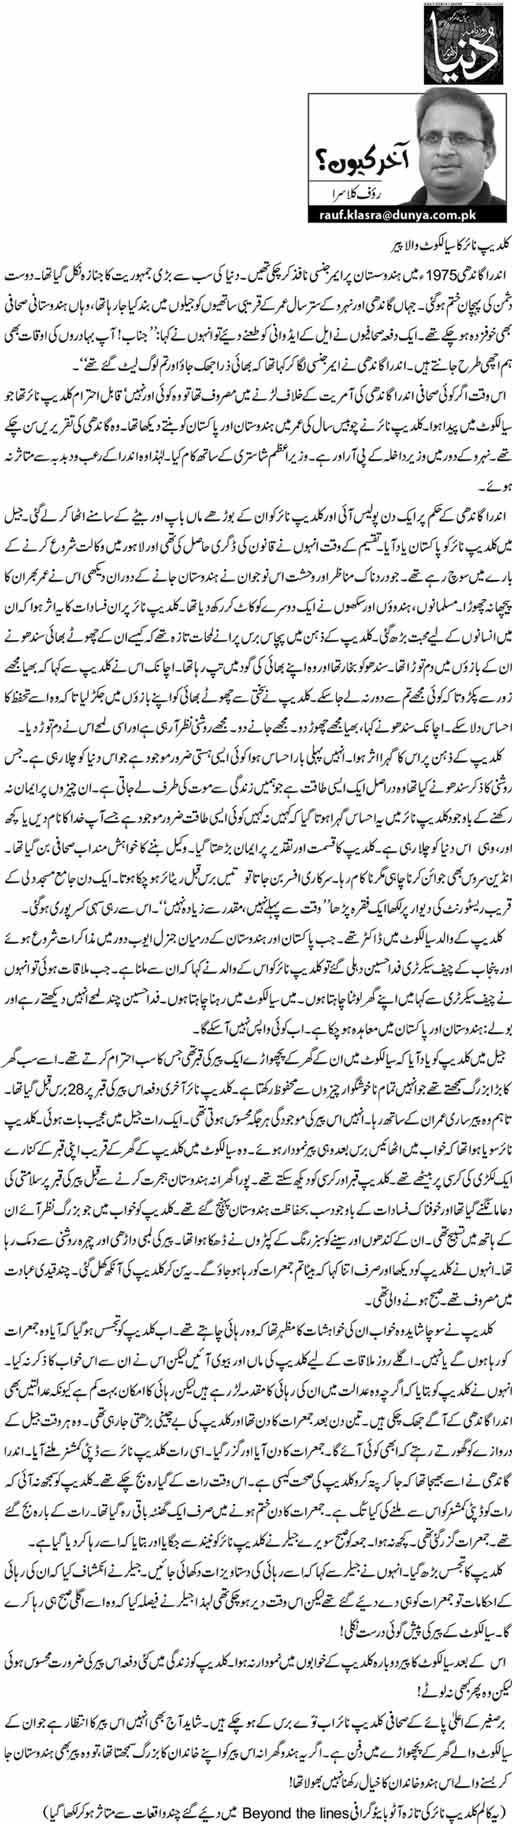 Kuldeep nayar ka Sialkot wala peer - Rauf Klasra